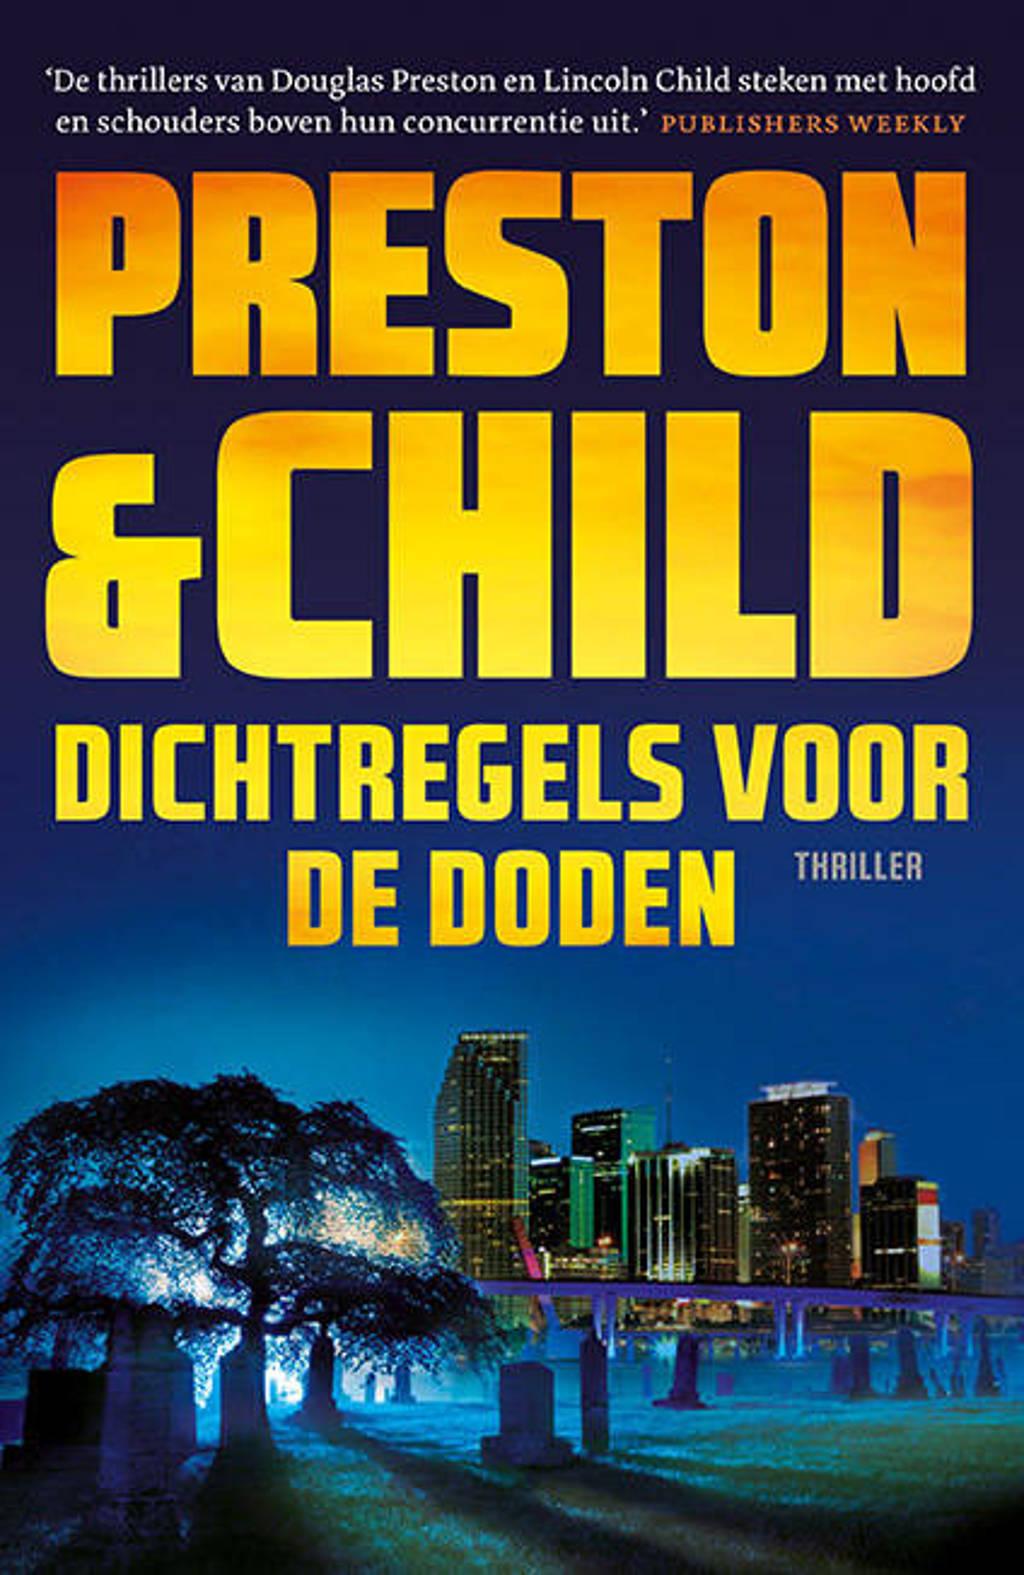 Dichtregels voor de doden - Preston & Child